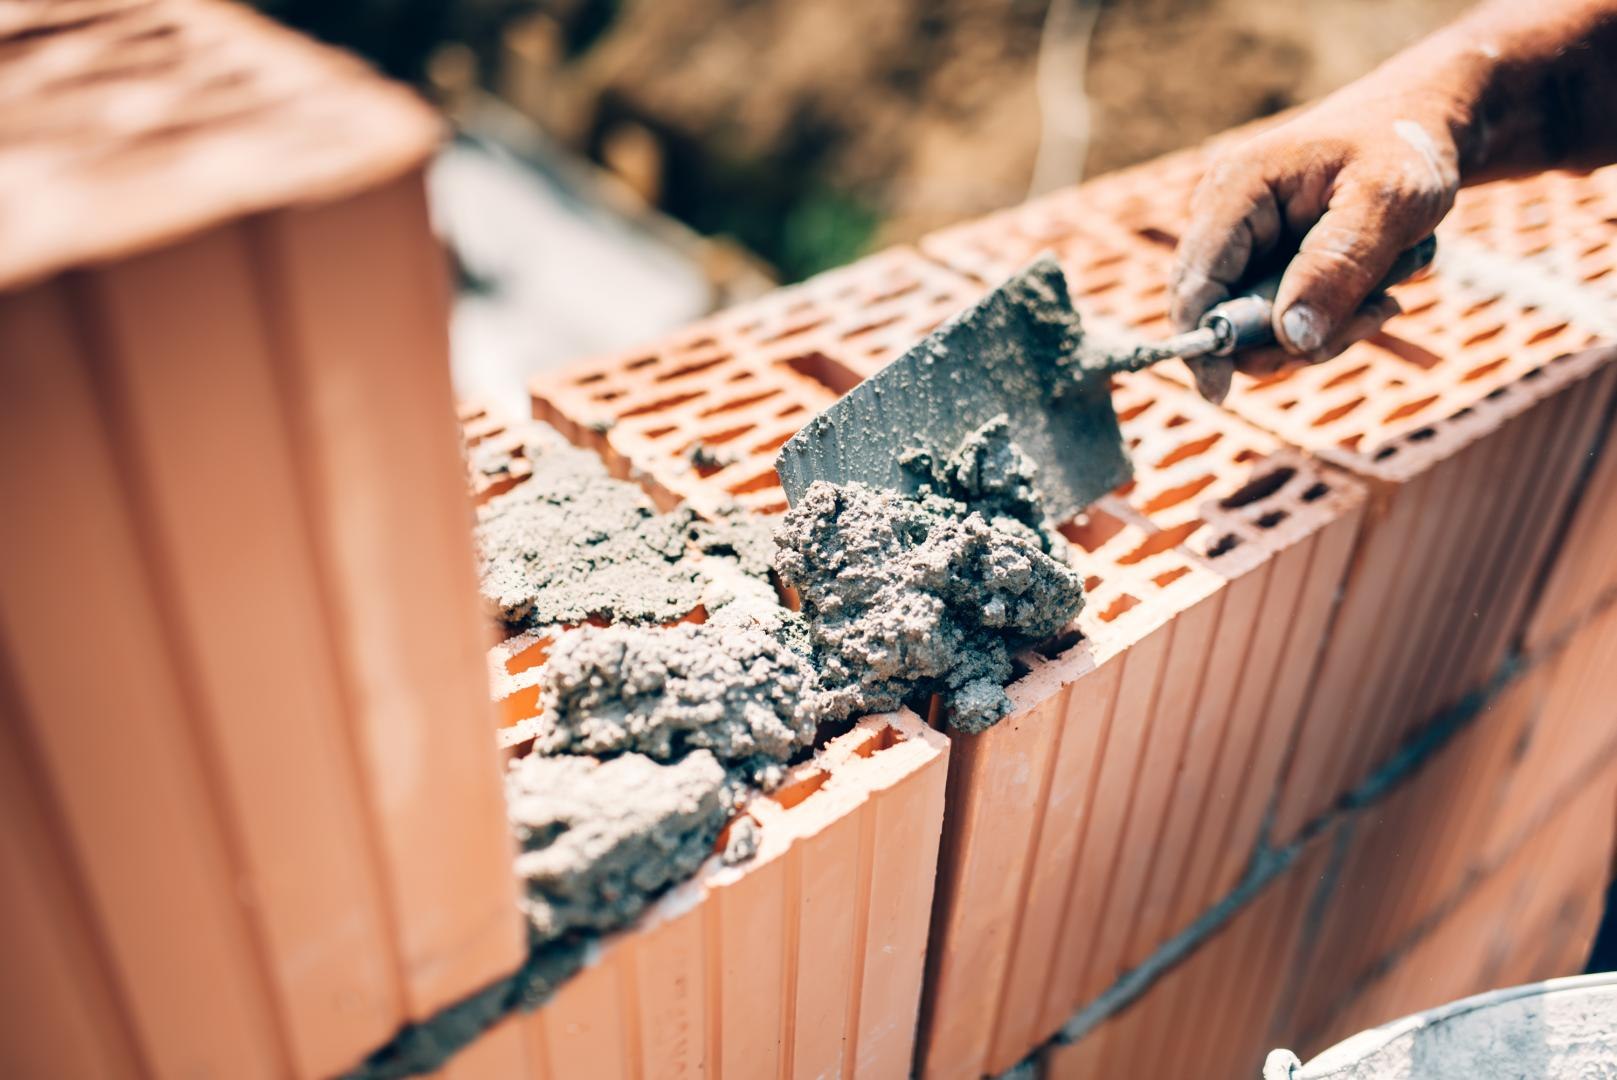 Подходящим блочным материалом для возведения сарая является кирпич